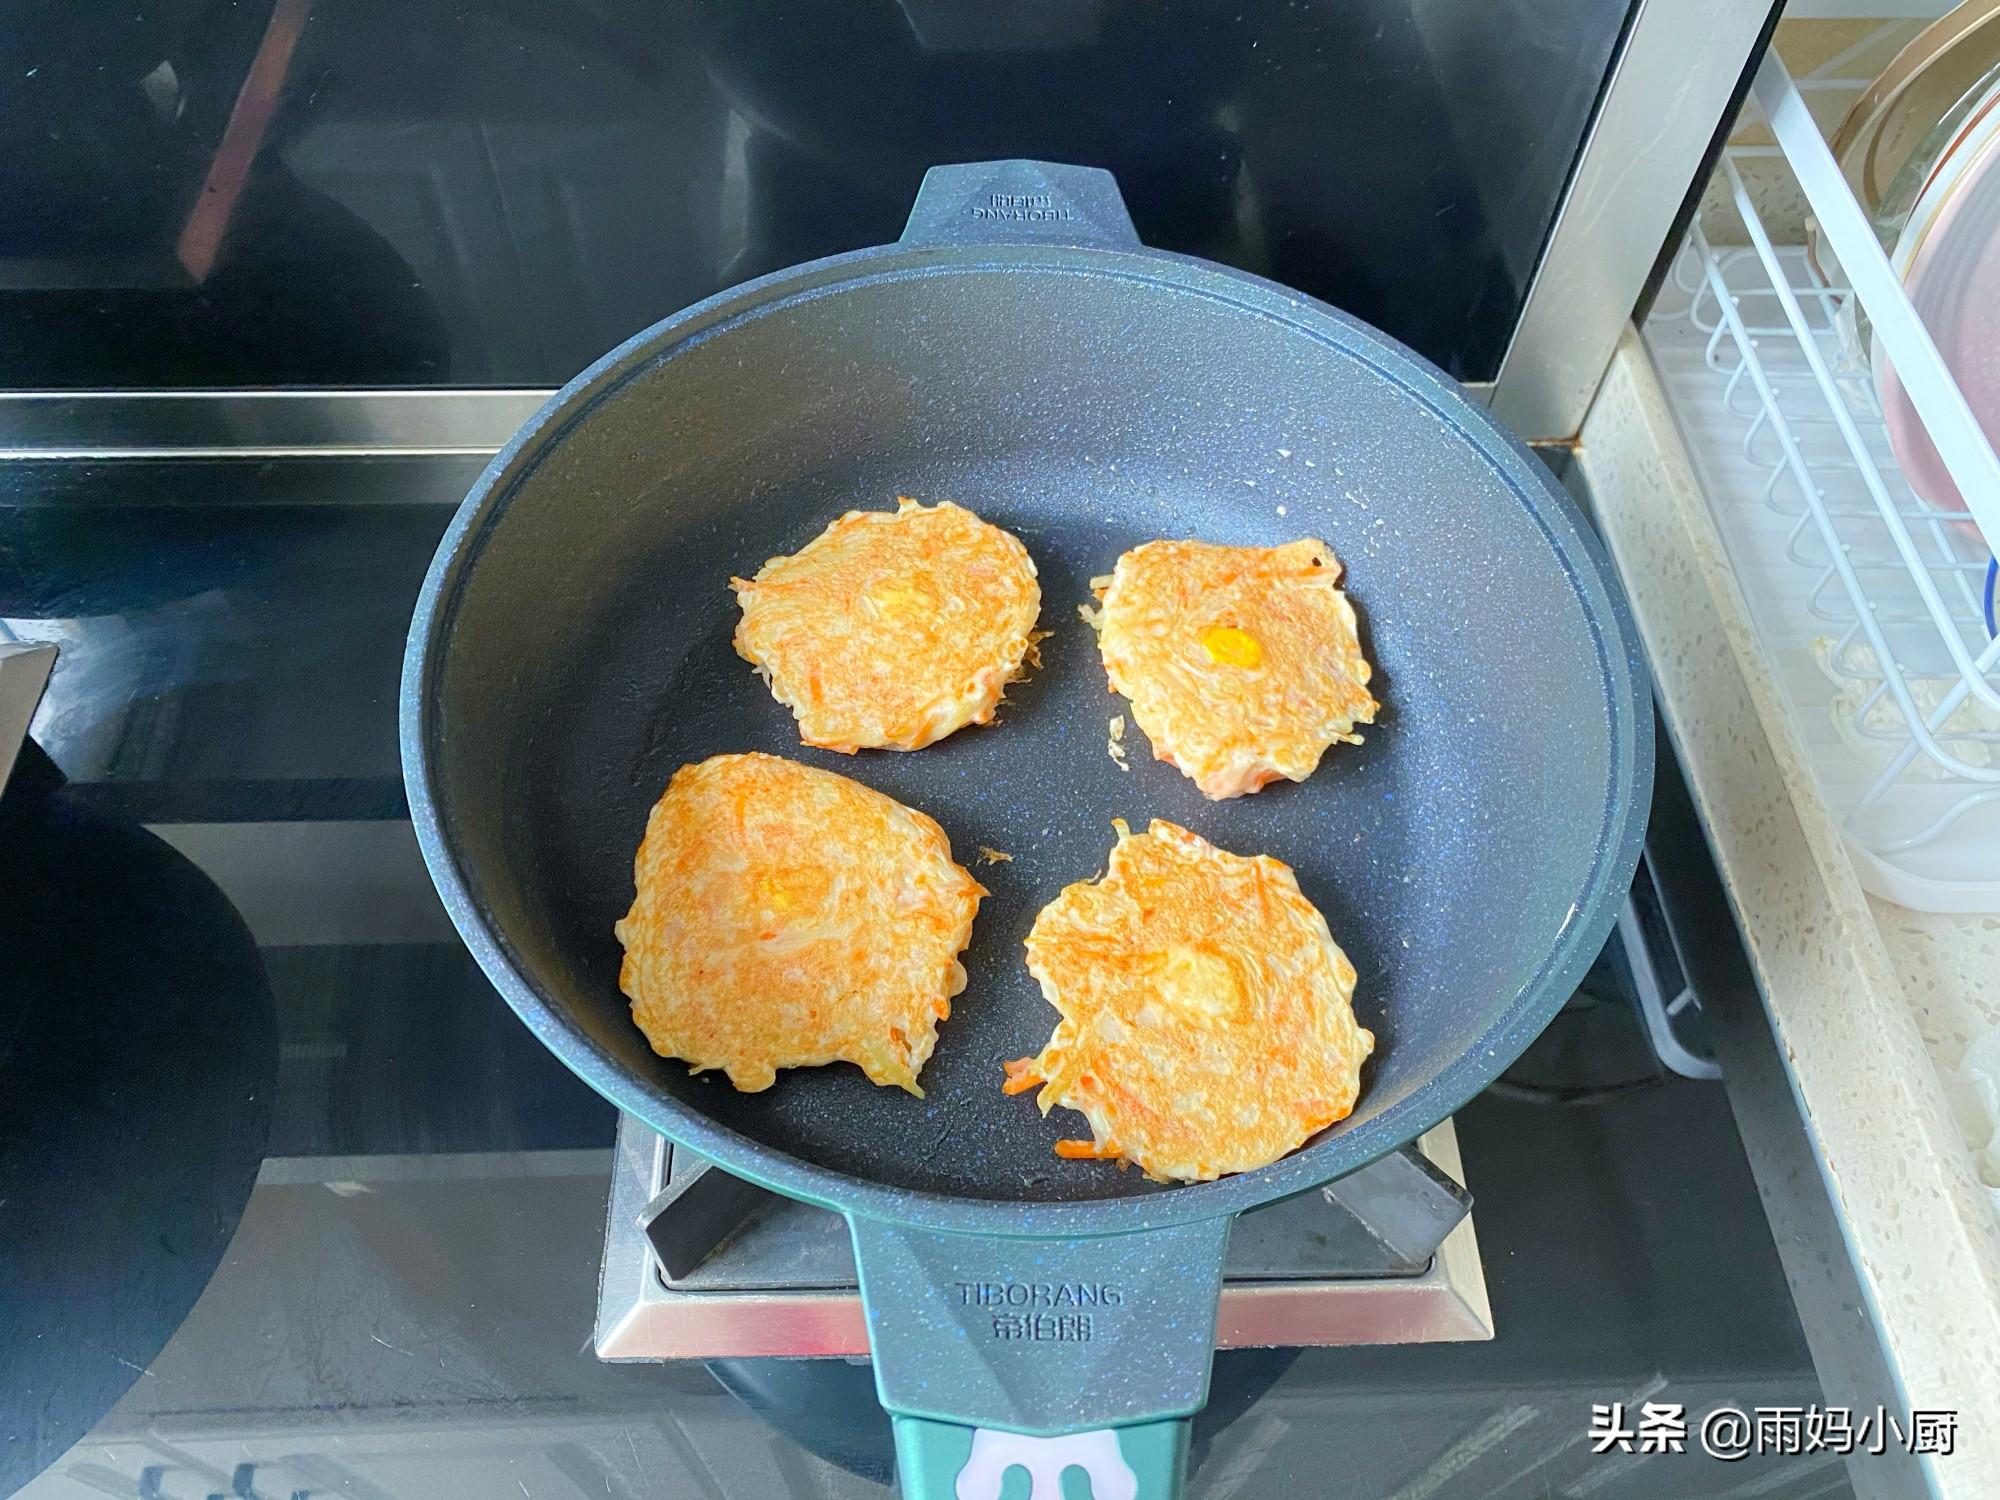 10分鐘快手窩蛋餅,金黃誘人又美味,用來當早餐營養加倍